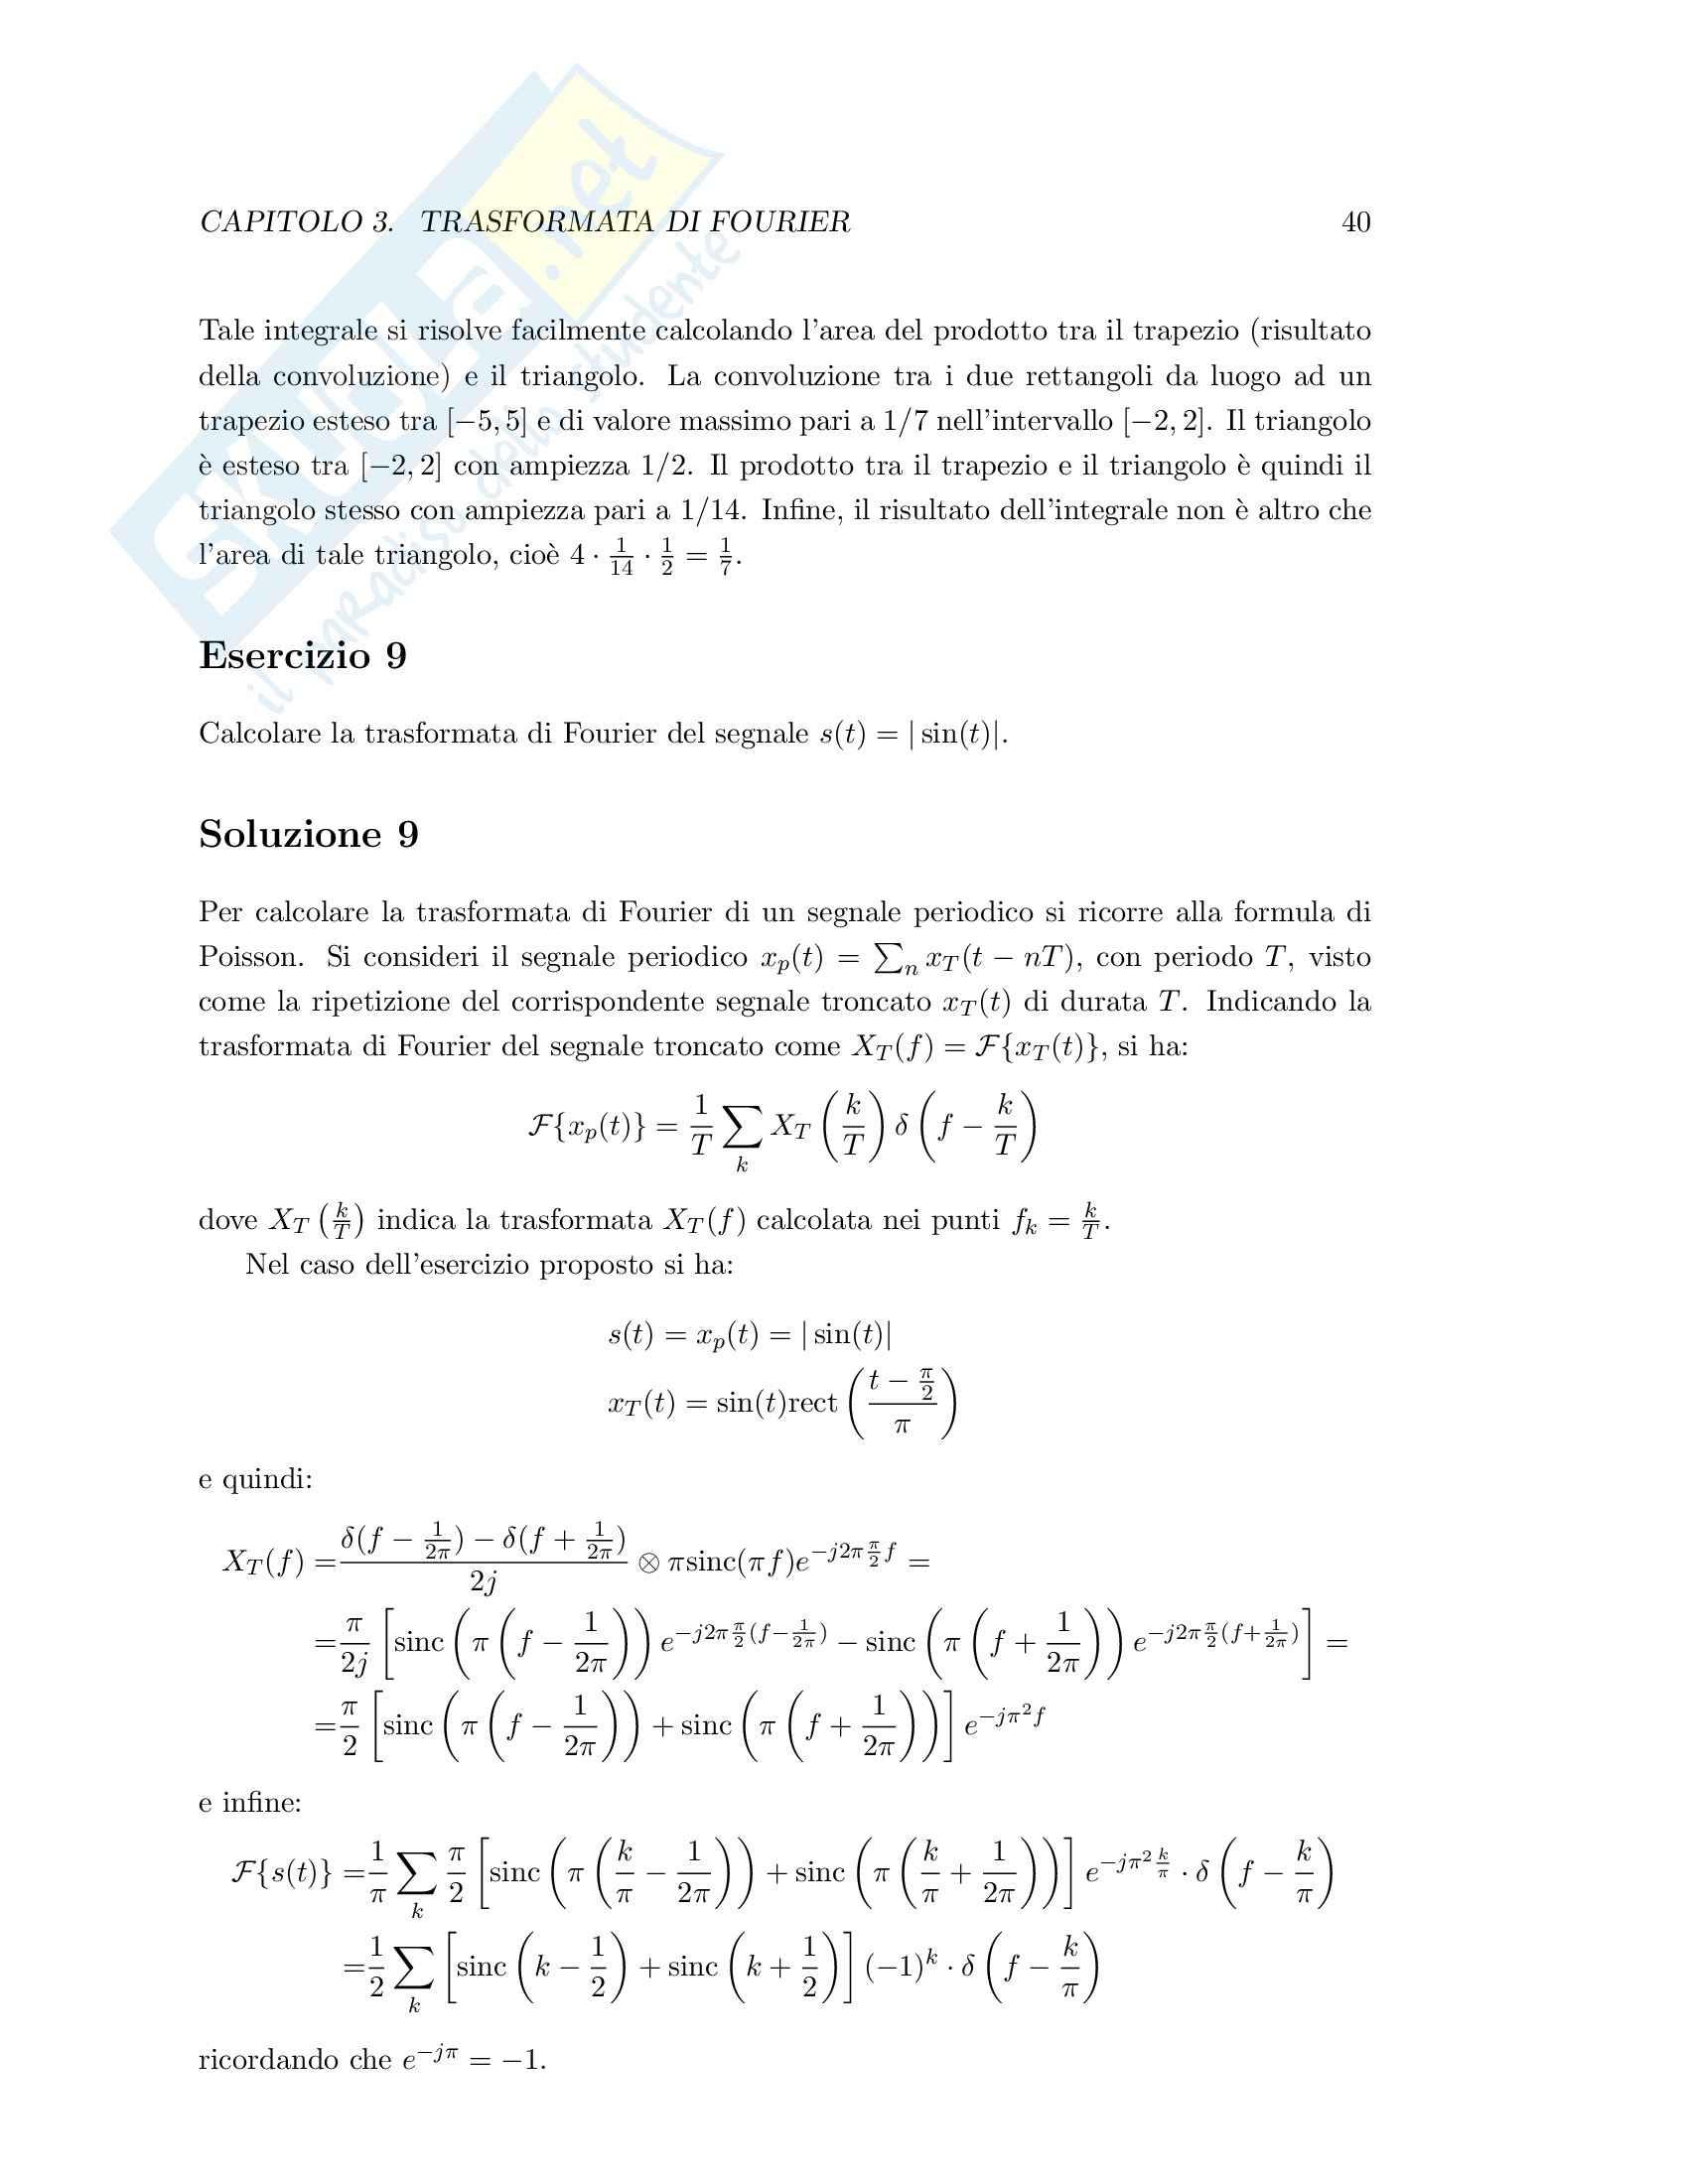 Teoria dei segnali - esercizi svolti Pag. 46